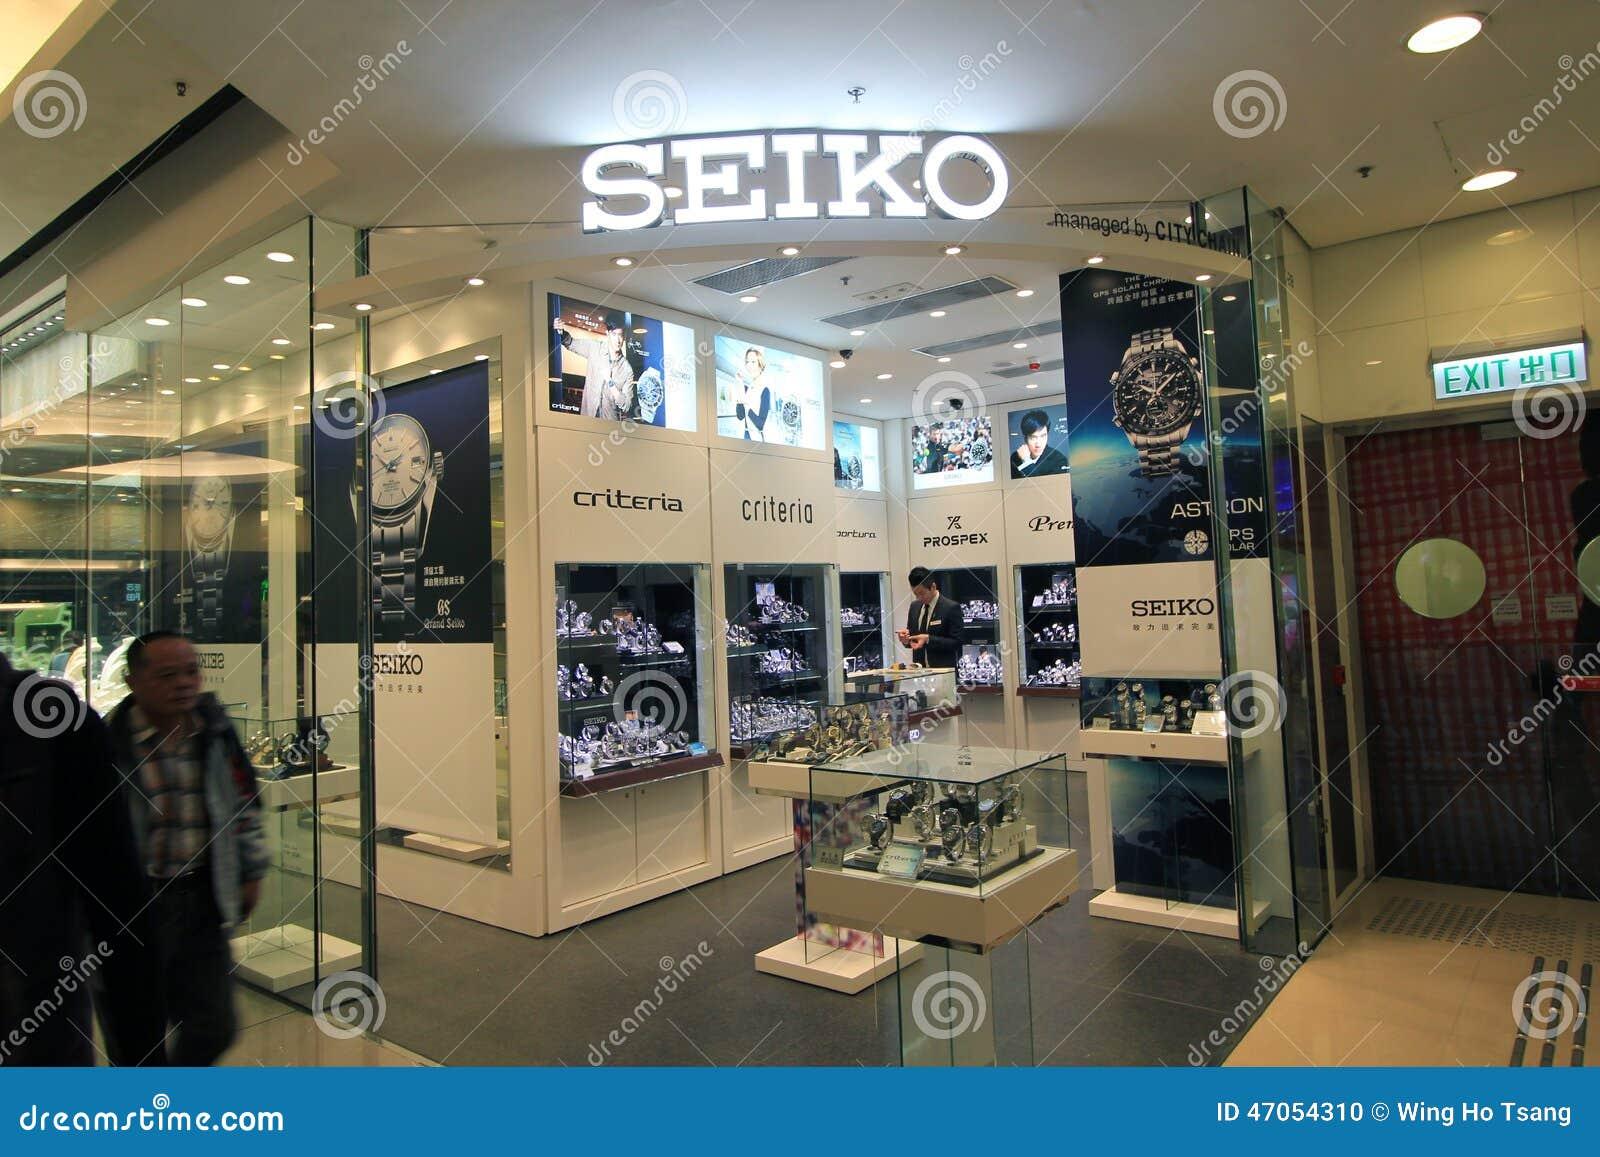 Seiko-Shop in Hong Kong